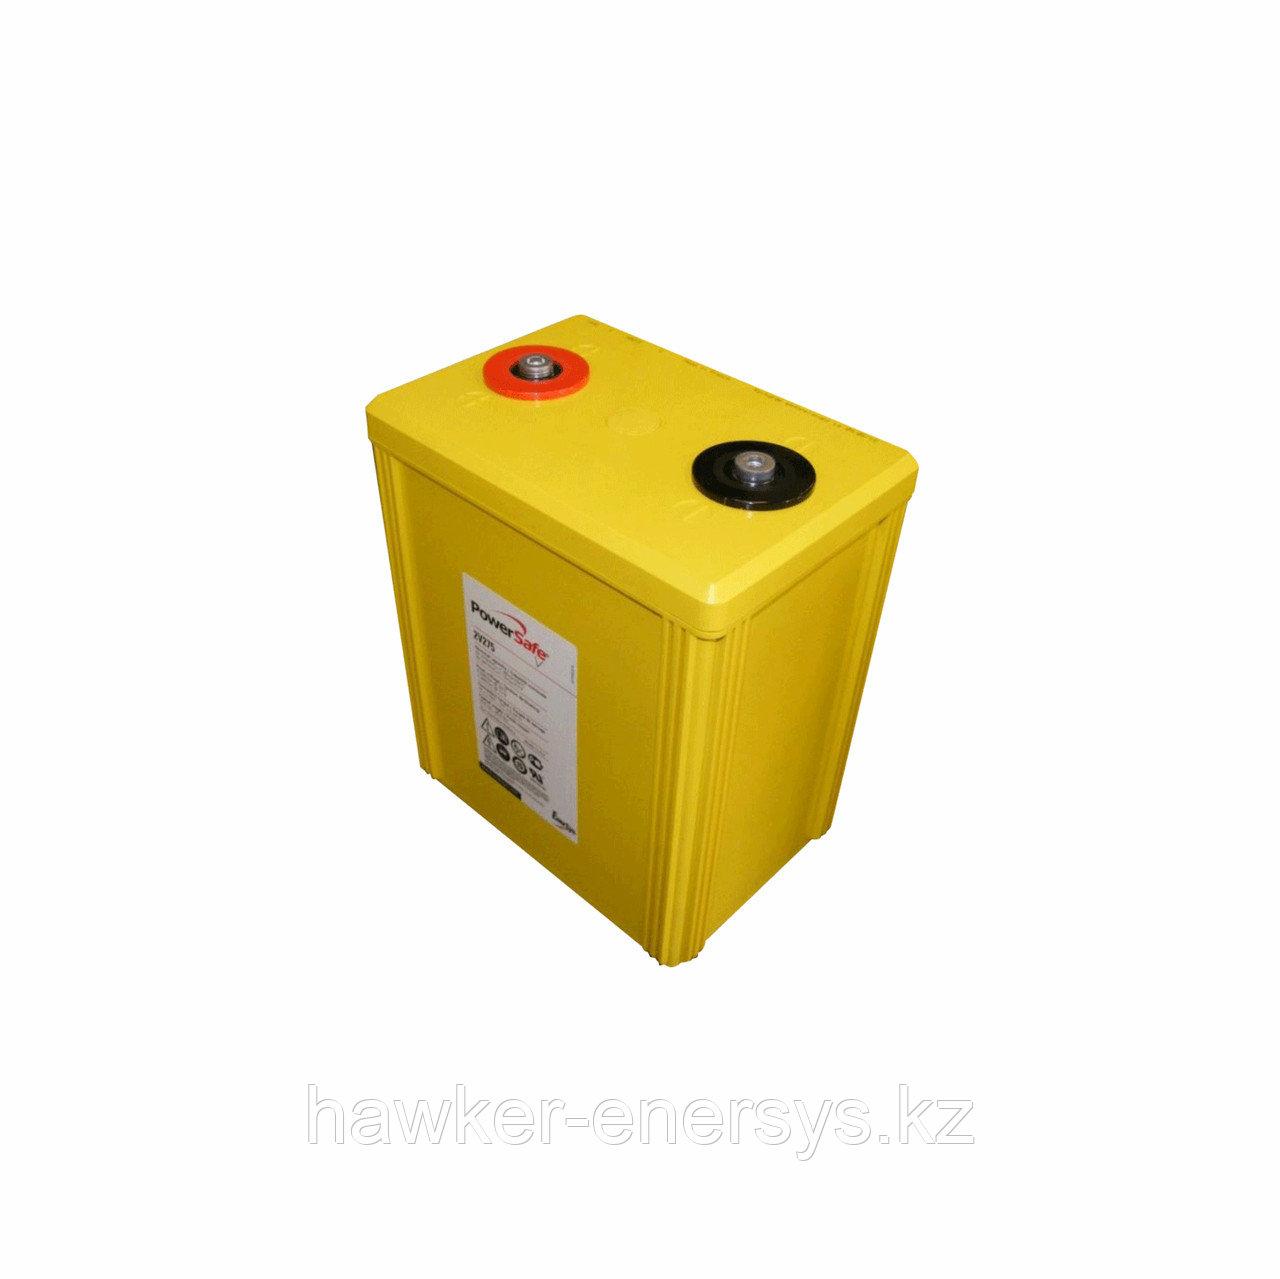 PowerSafe 2V275